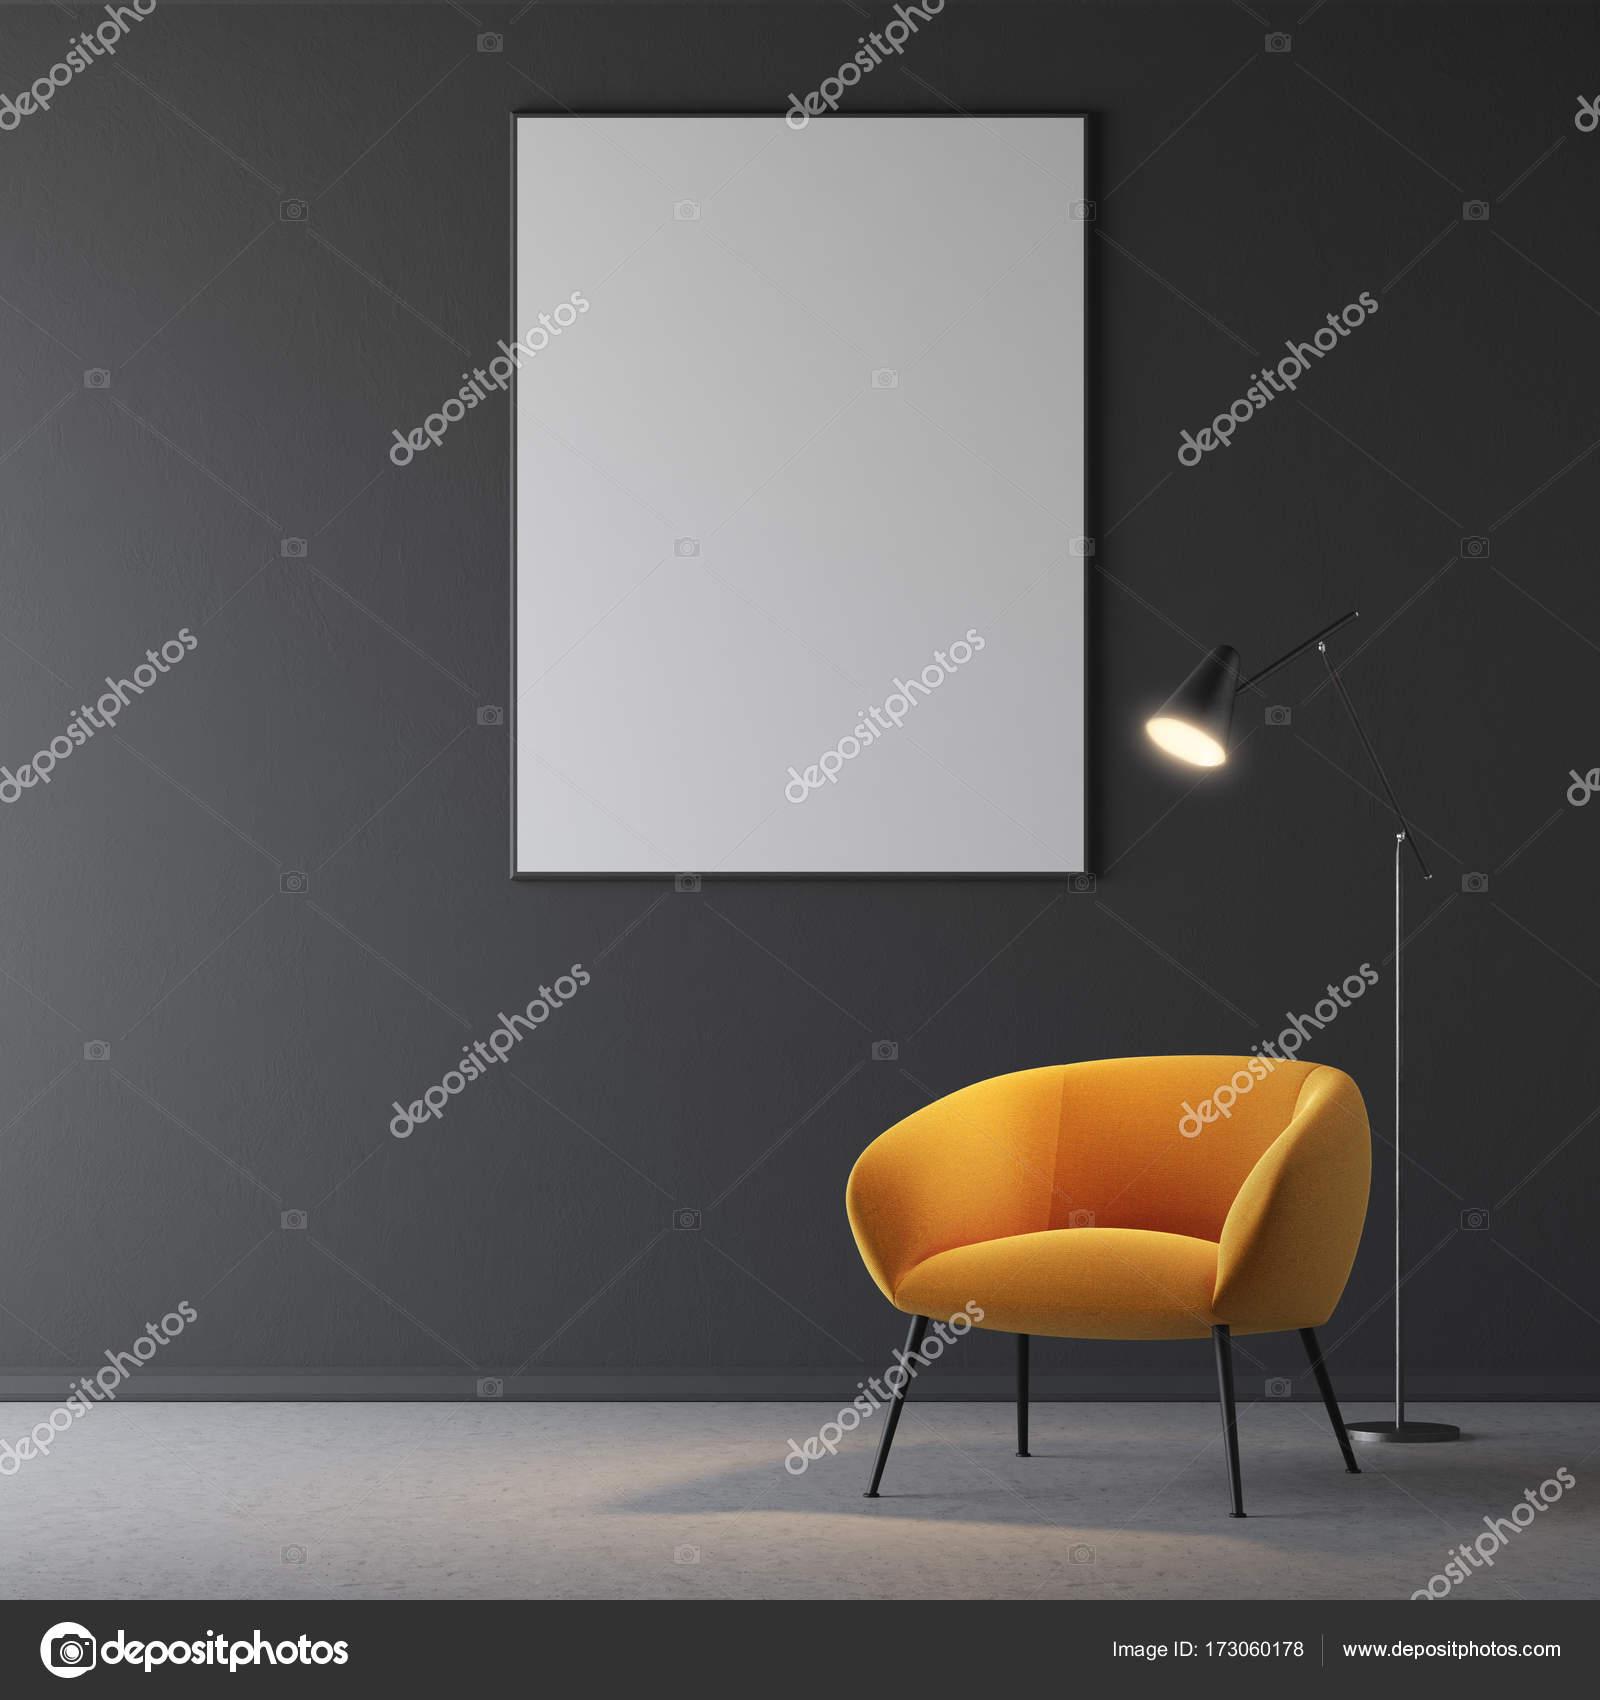 Gelb Schwarz Wohnzimmer Sessel, Plakat — Stockfoto © denisismagilov ...